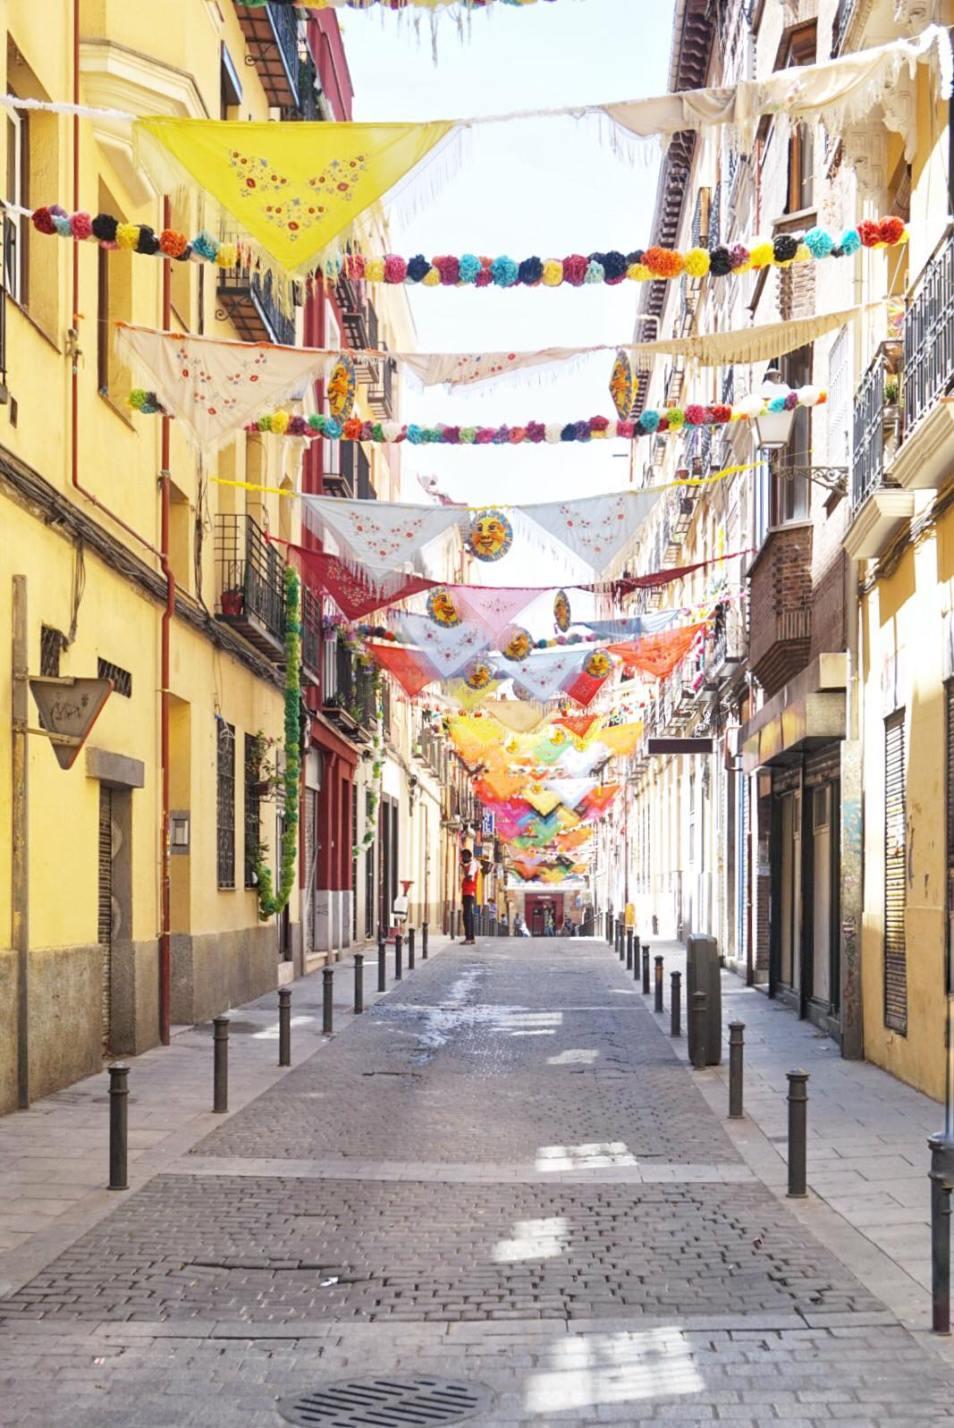 Road Trip in Spain, two weeks in spain, spain travel itinerary, things to see in madrid, madrid